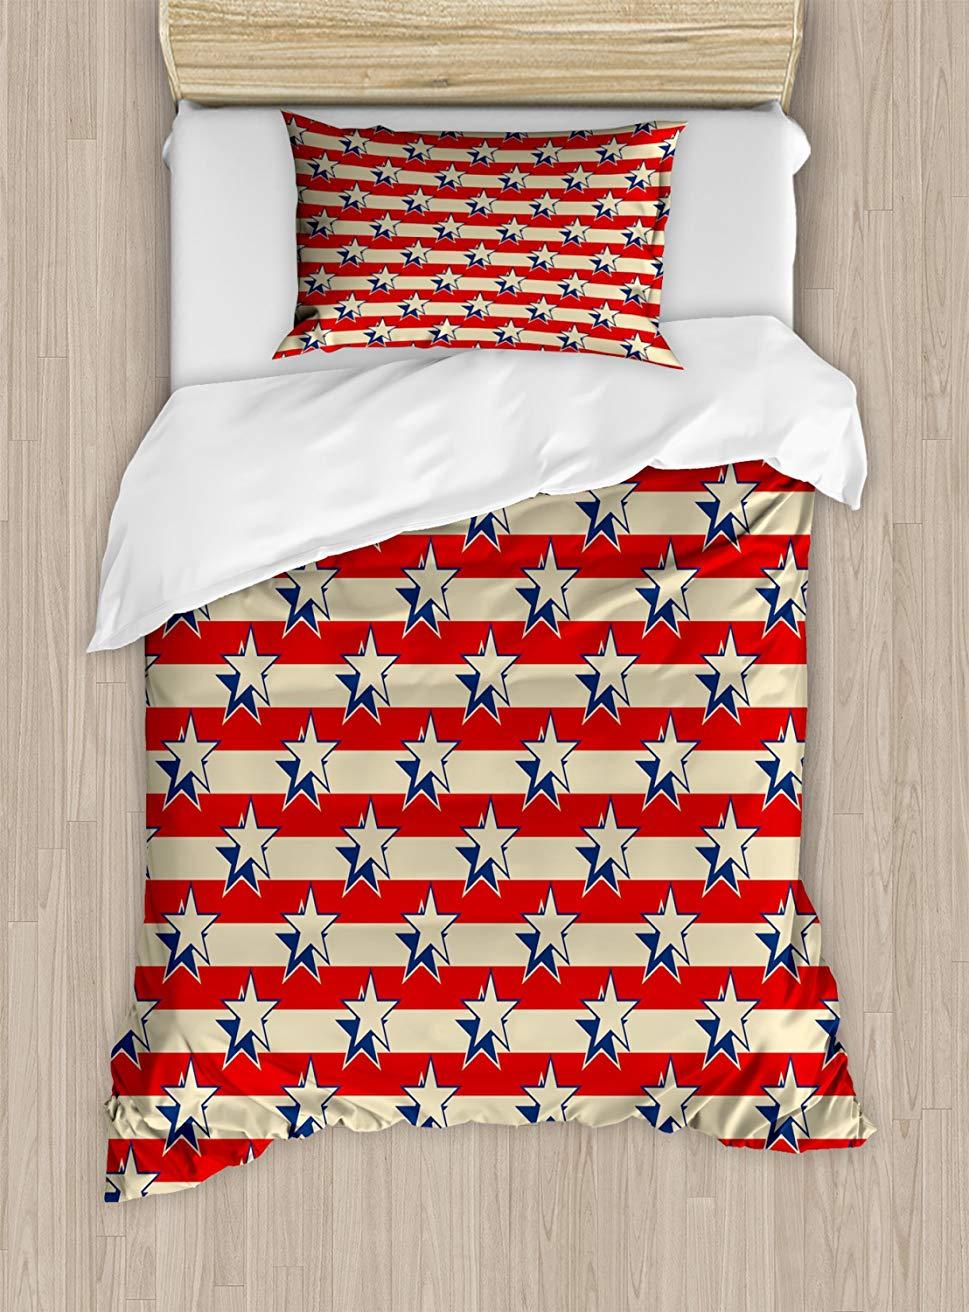 USA housse de couette ensemble nostalgique indépendance jour affiche motif avec grandes étoiles Western Graphic, décoratif 2 pièces ensemble de literie